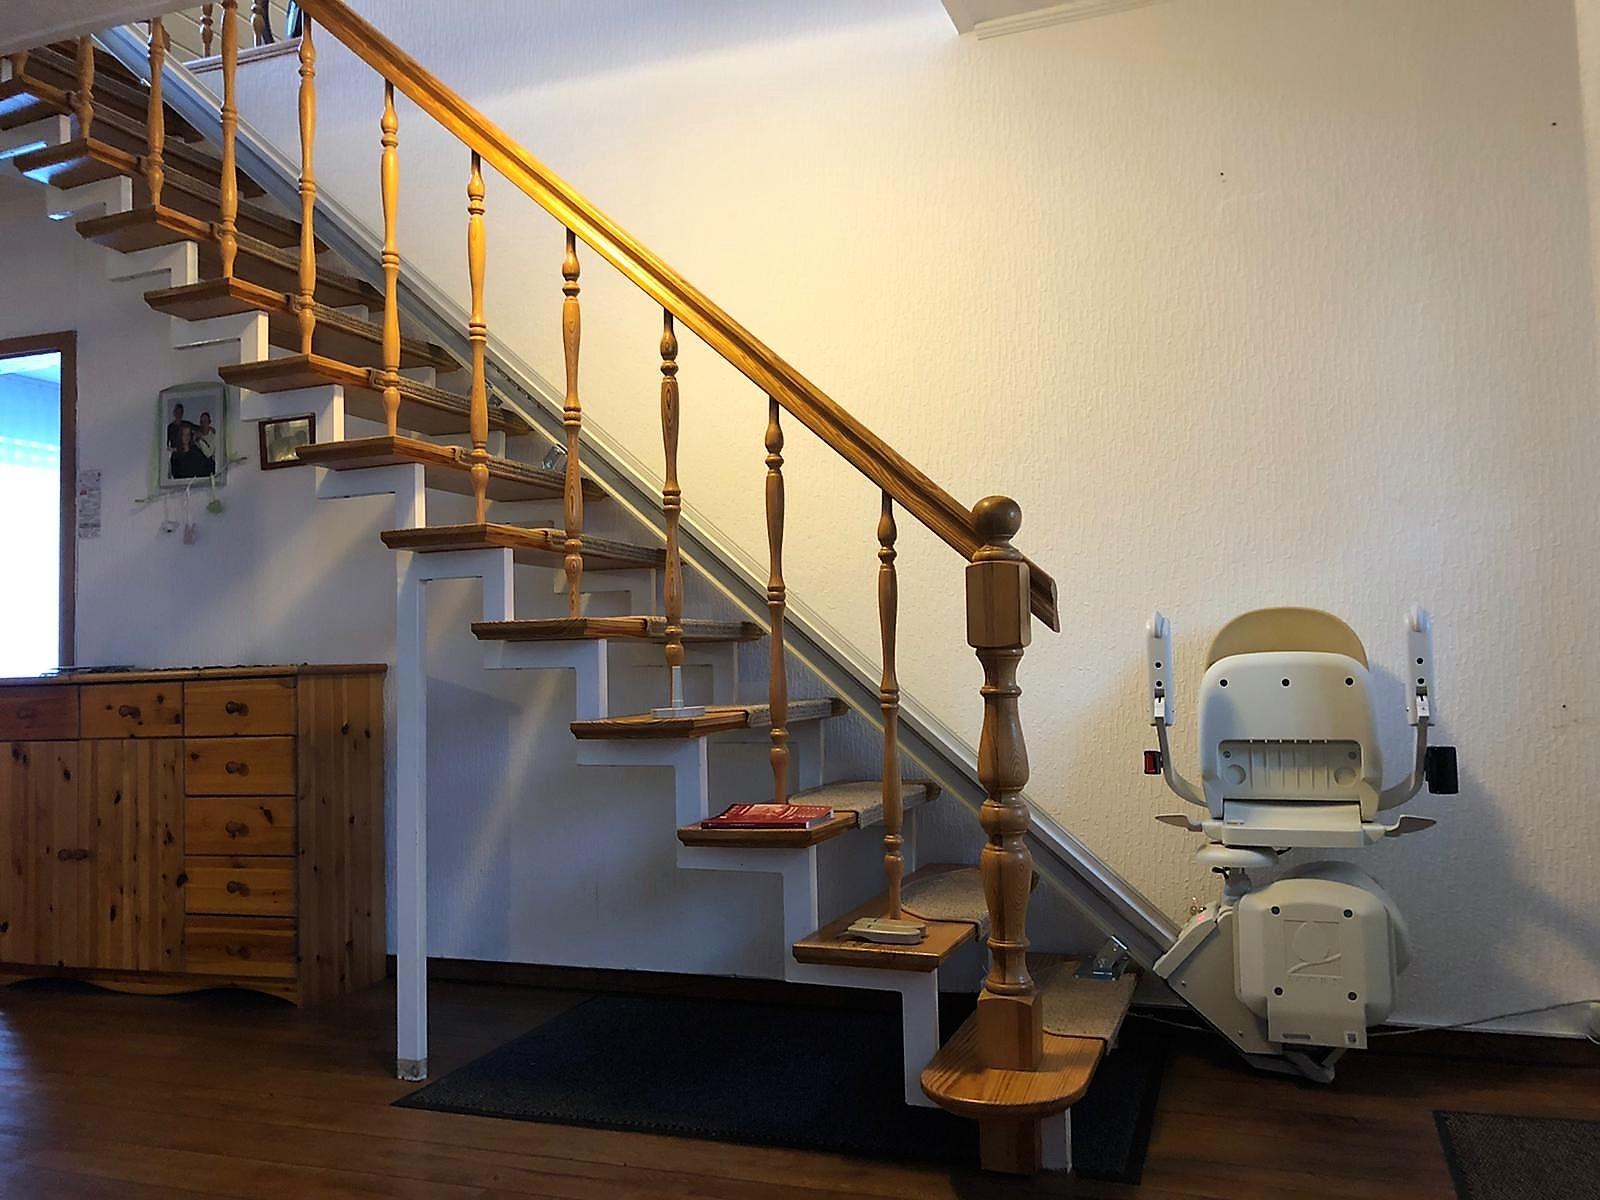 SG 130, Sitztreppenlift für eine gerade Treppe